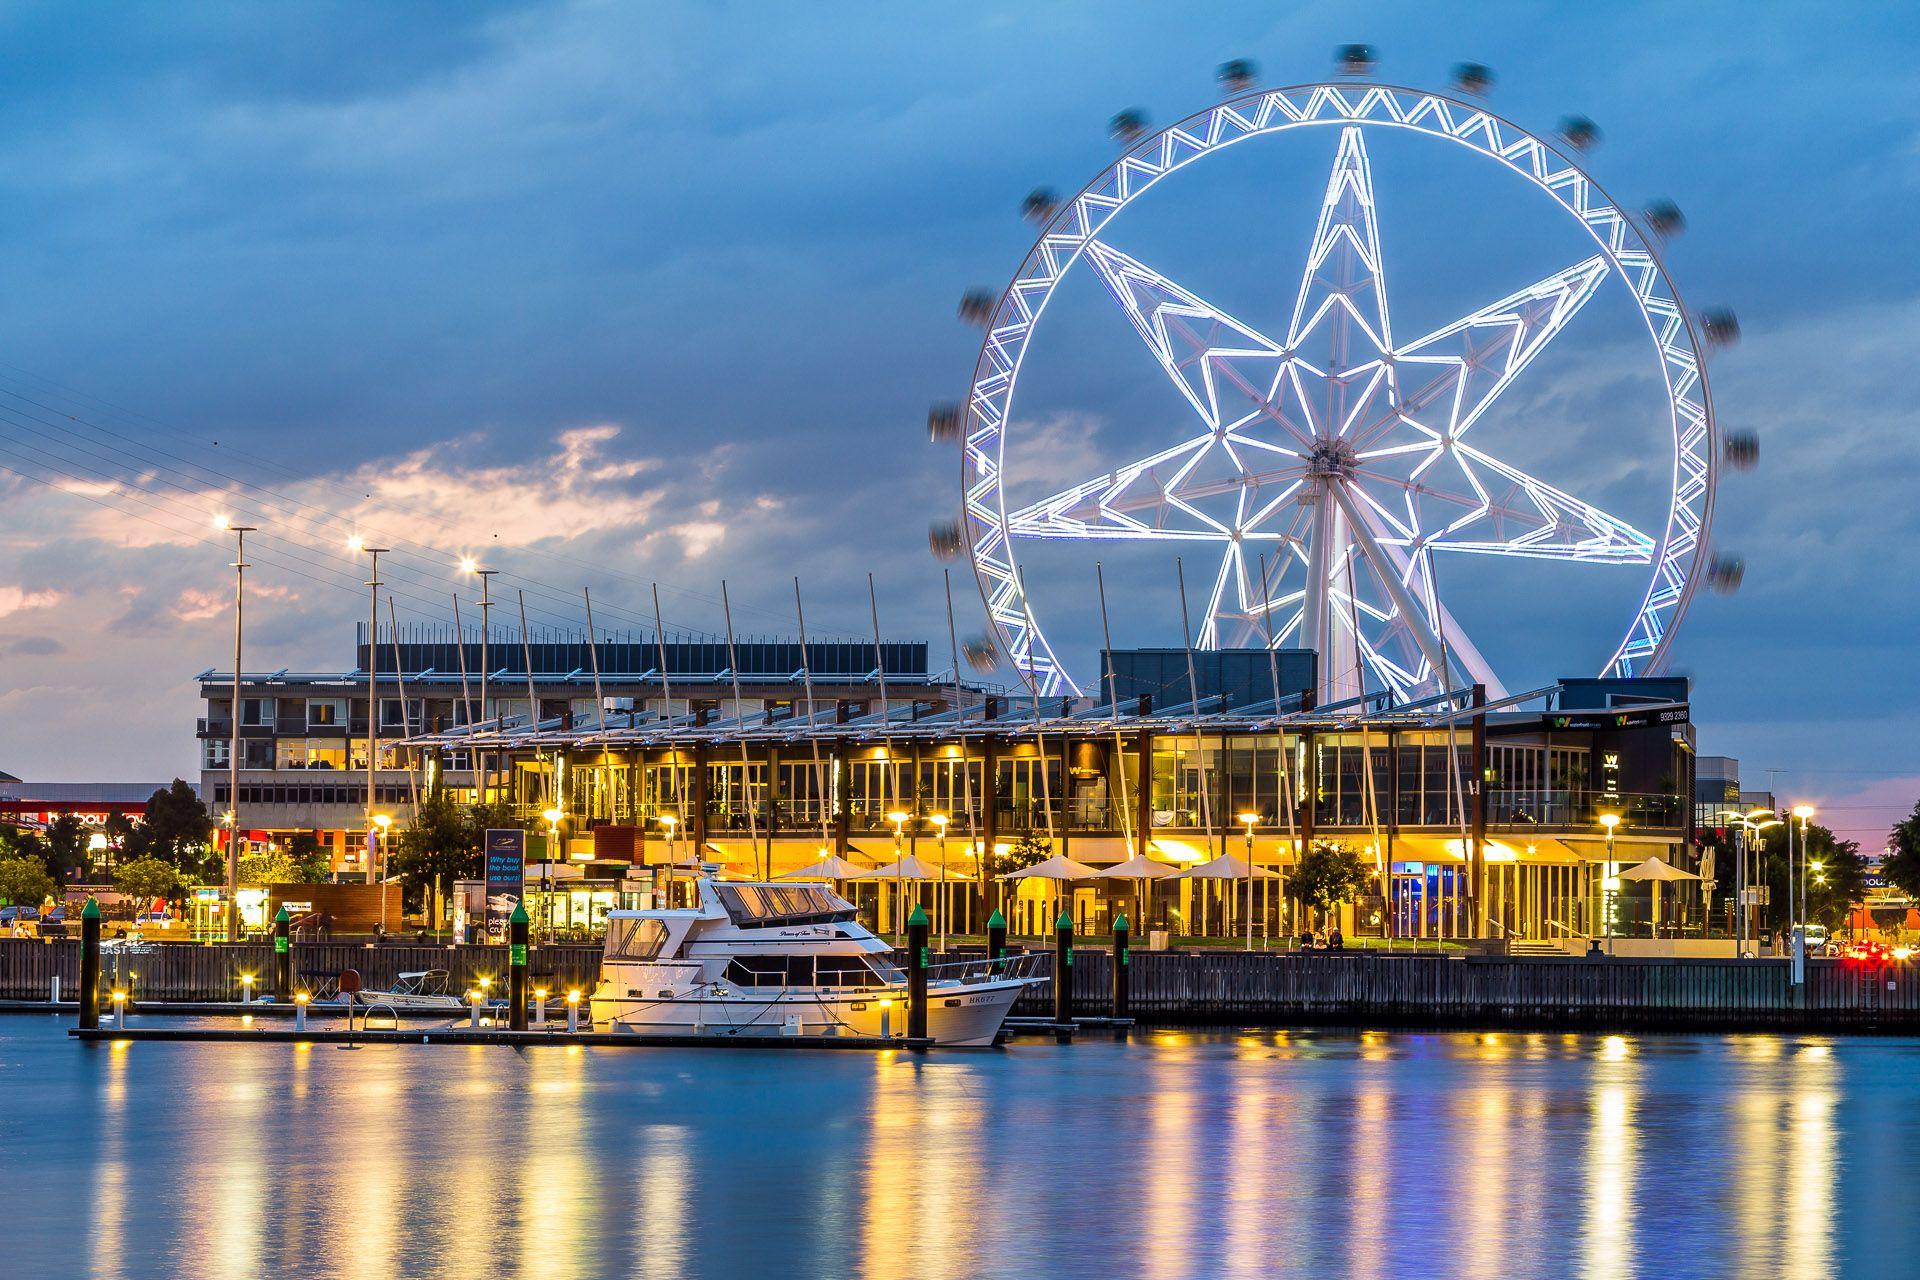 Melbourne Star Observation Wheel Melbourne stars